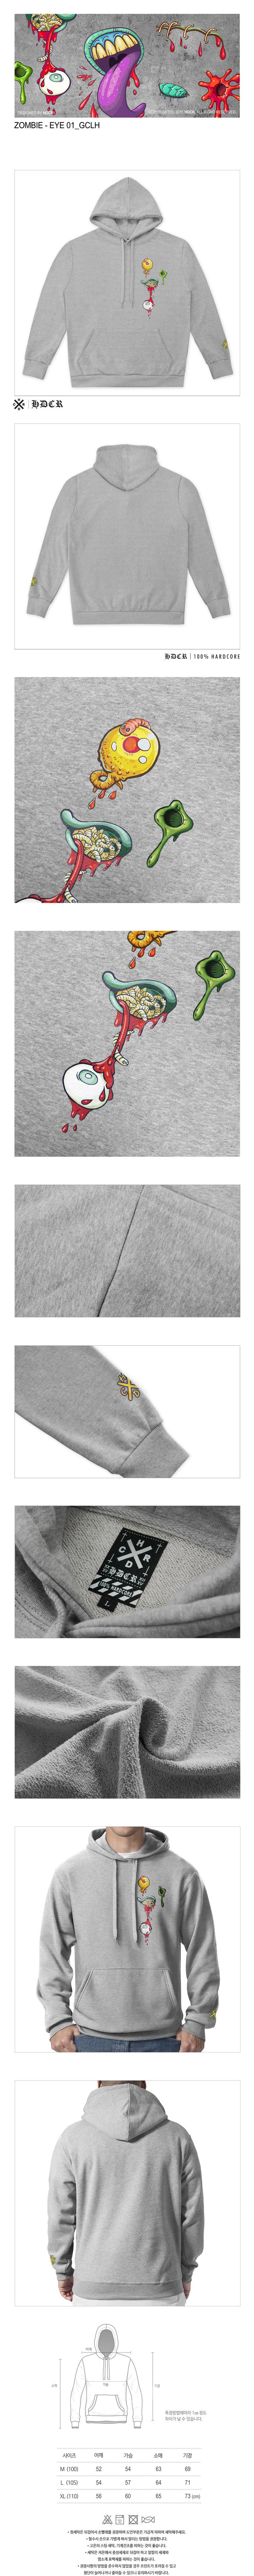 에이치디씨알(HDCR) 좀비 - 아이 01_GCLH